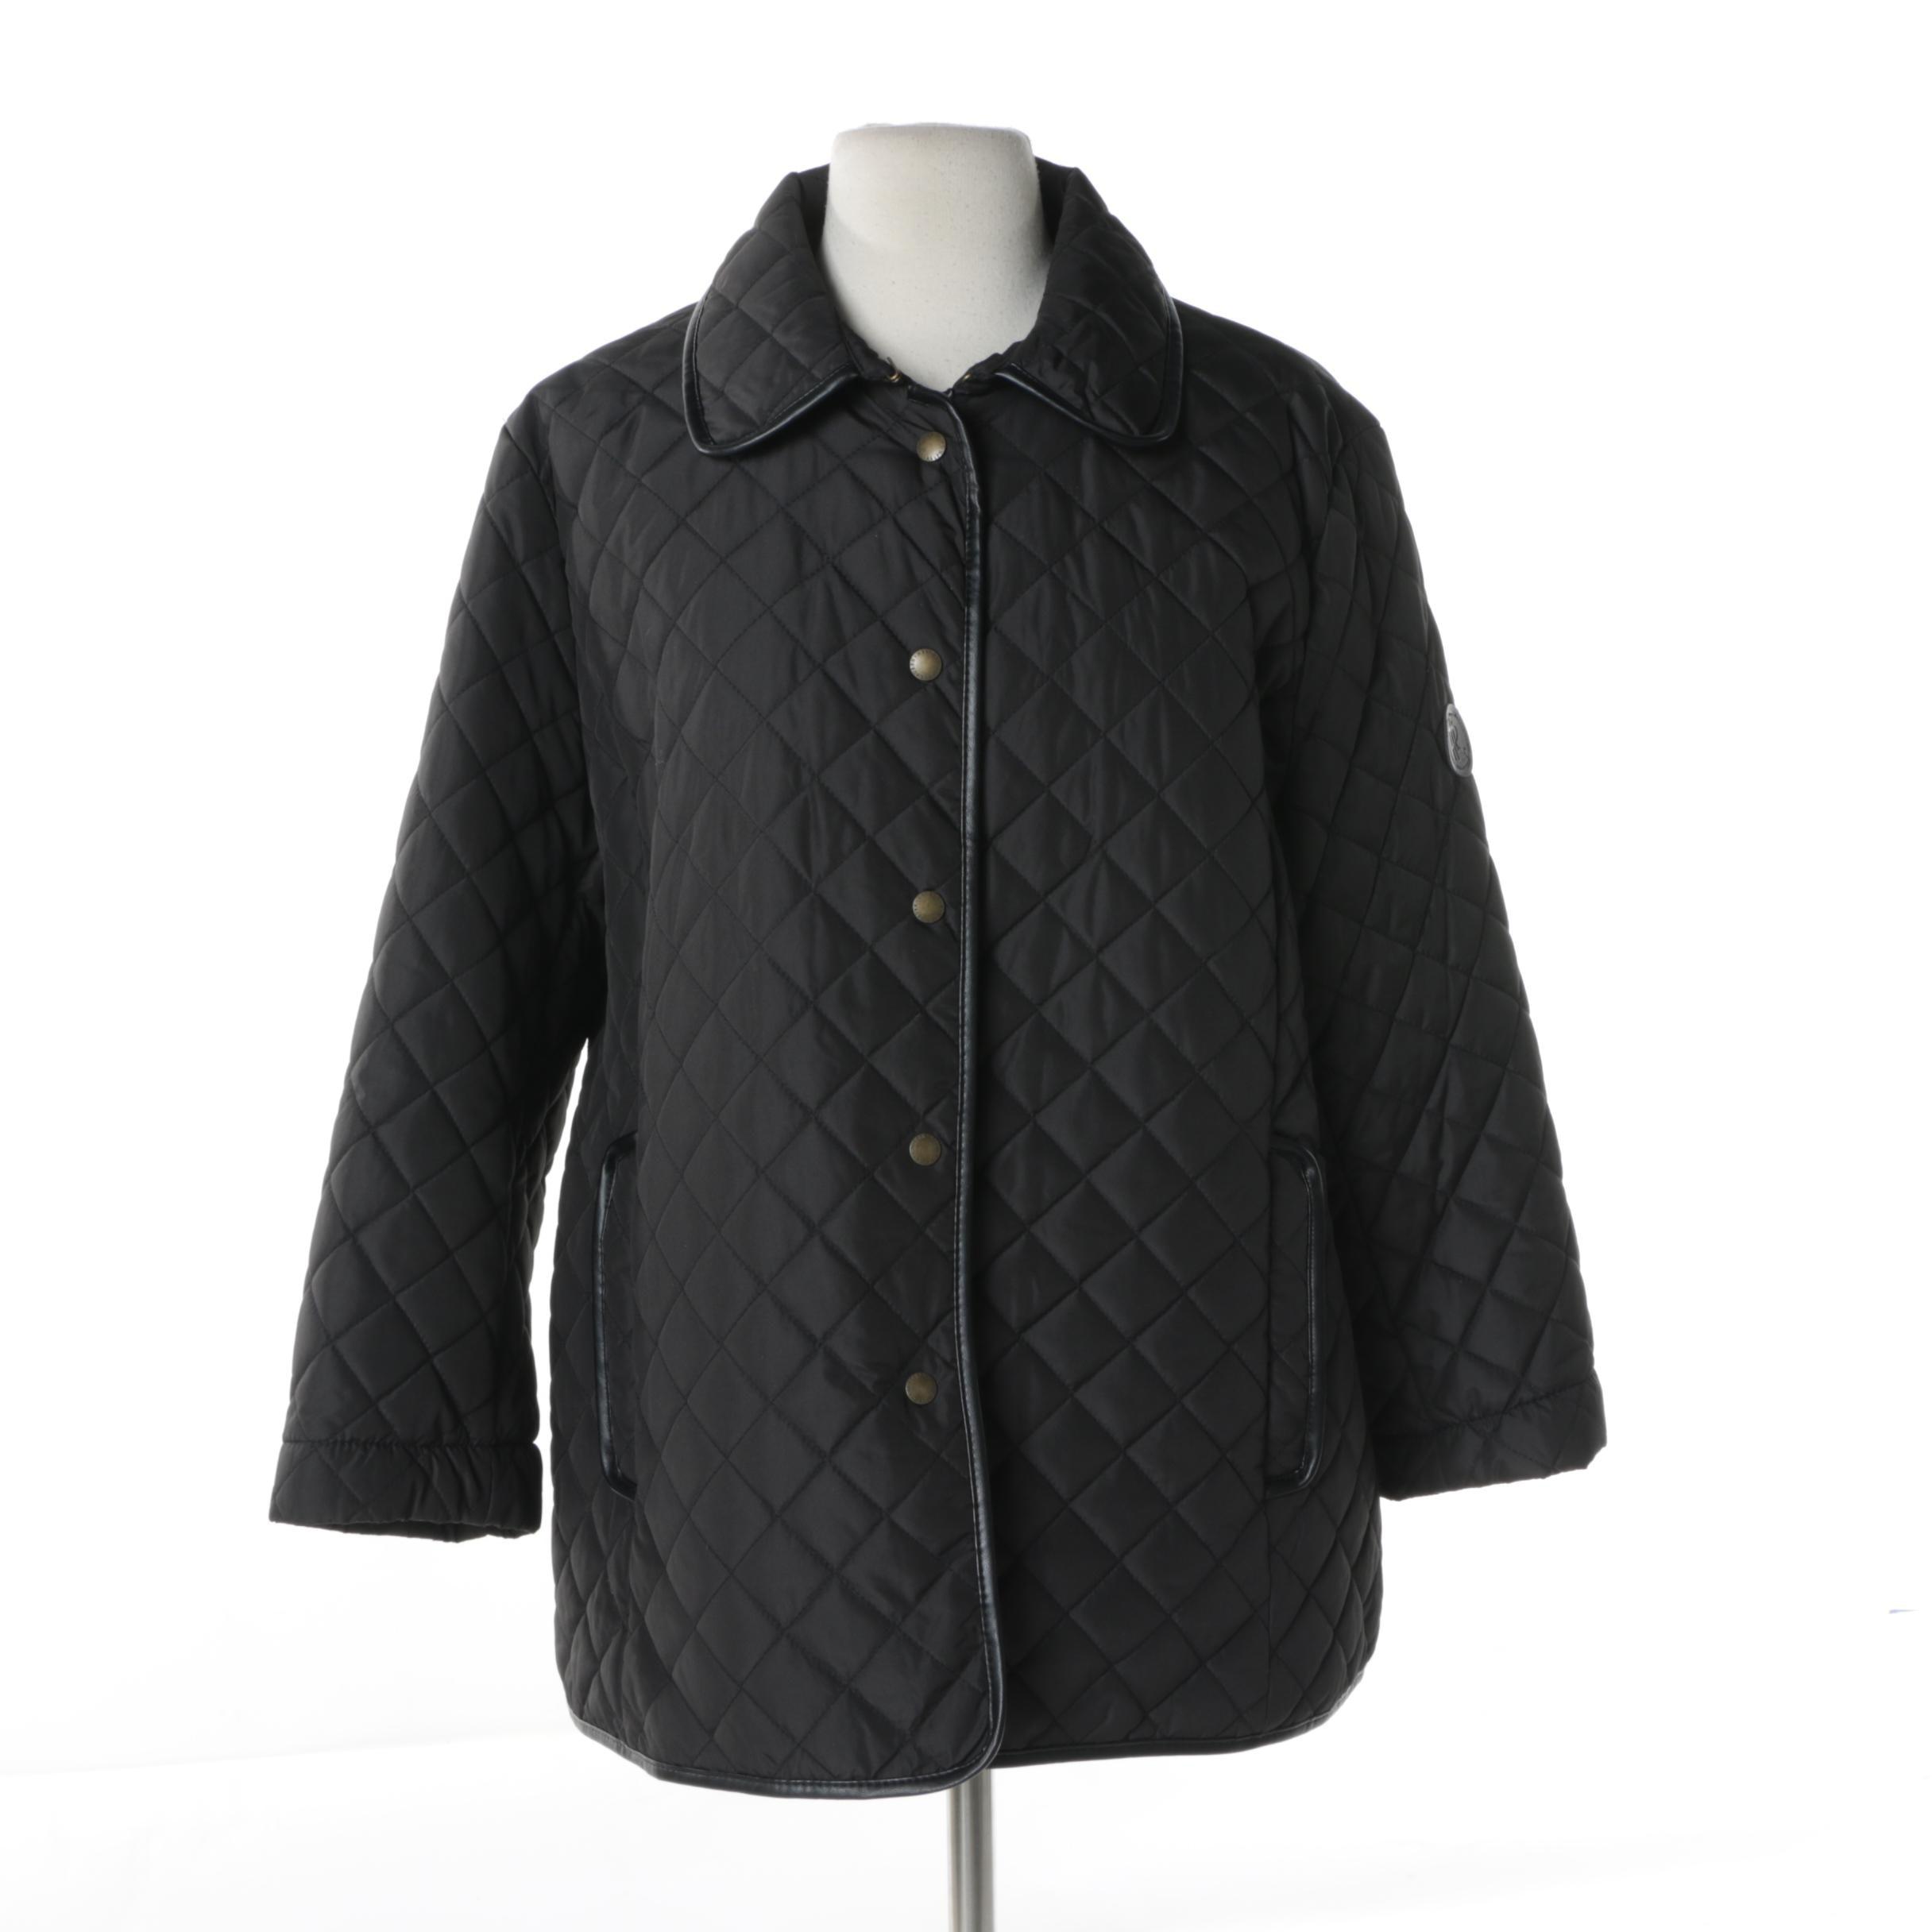 Lauren Ralph Lauren Black Quilted Jacket